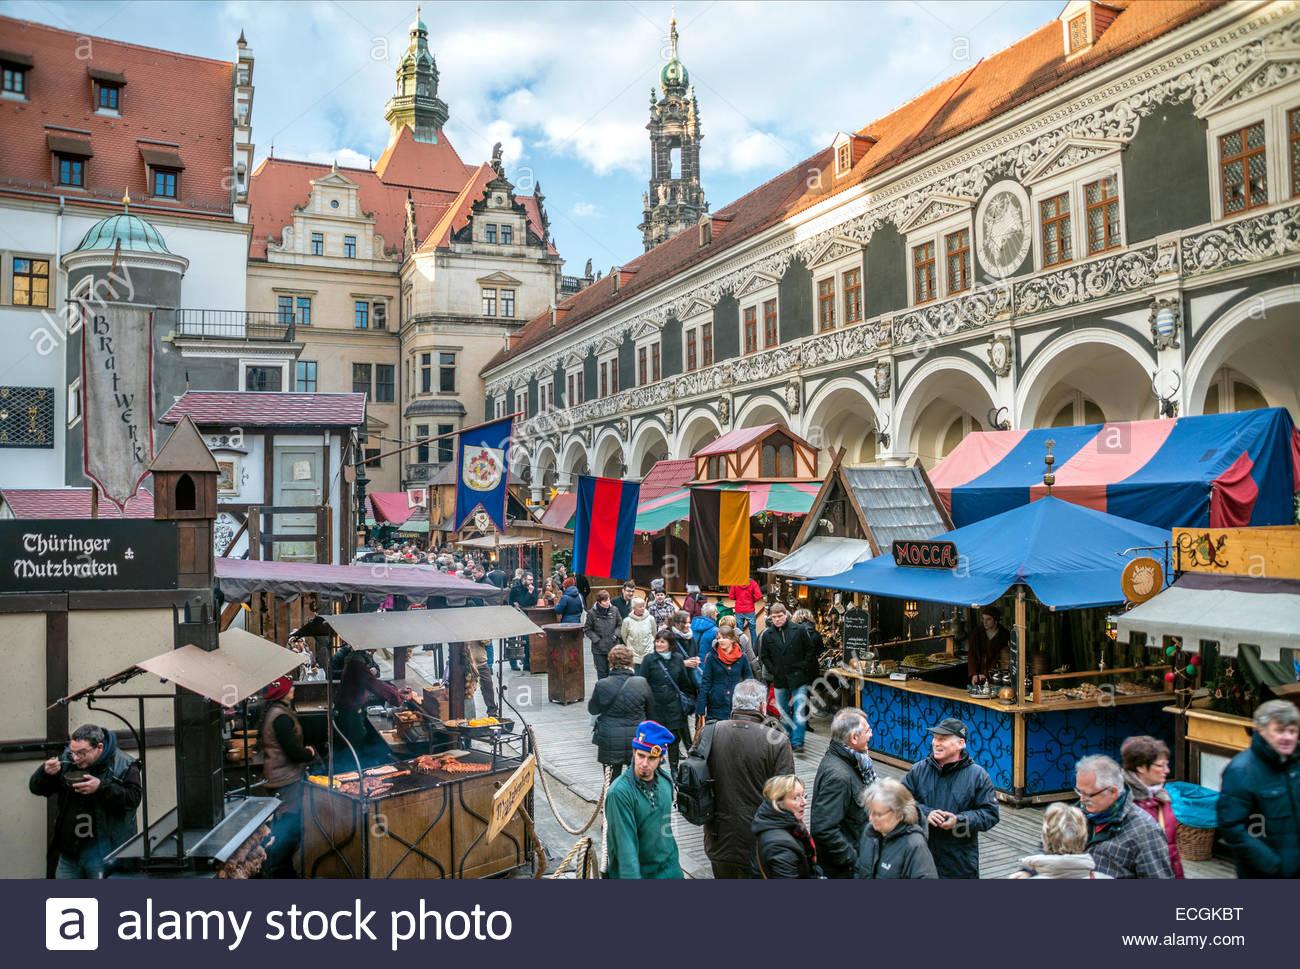 Mittelalterlicher Weihnachtsmarkt am Schloss Dresden, Sachsen, Deutschland.   Mittelalter-Weihnachtsmarkt Im Stallhof Stockbild